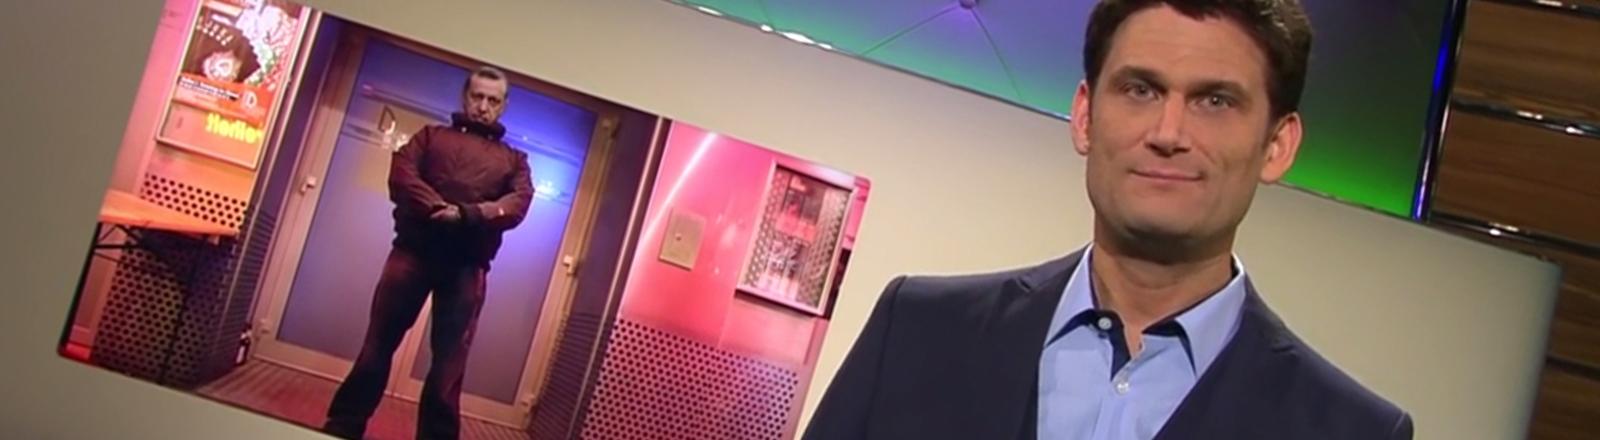 Der Moderator Christian Ehring von Extra 3.